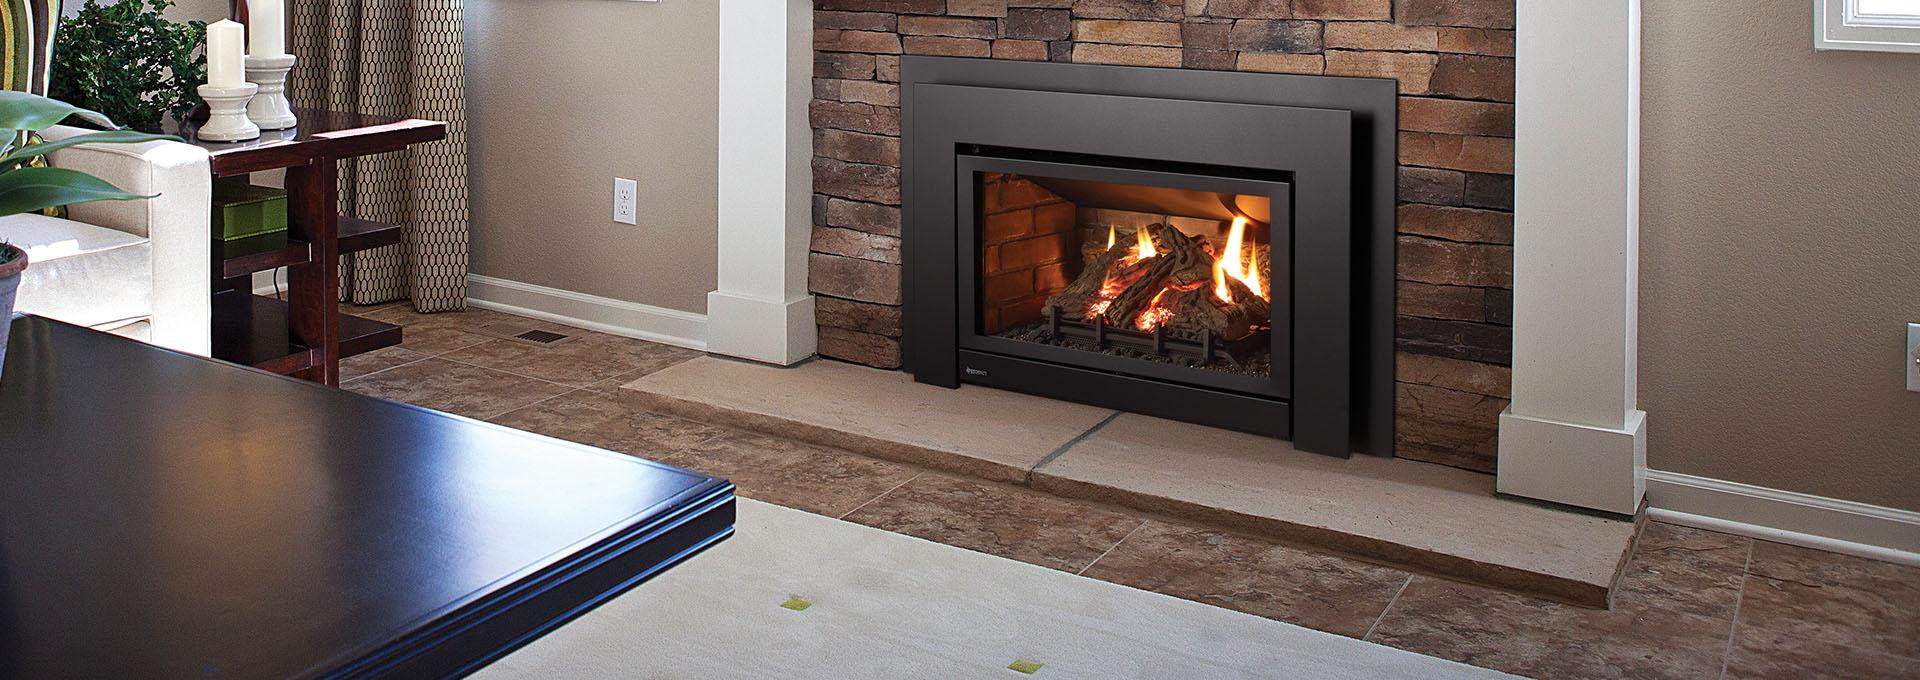 Regency Energy U31 Gas Insert Toronto Best Fireplace